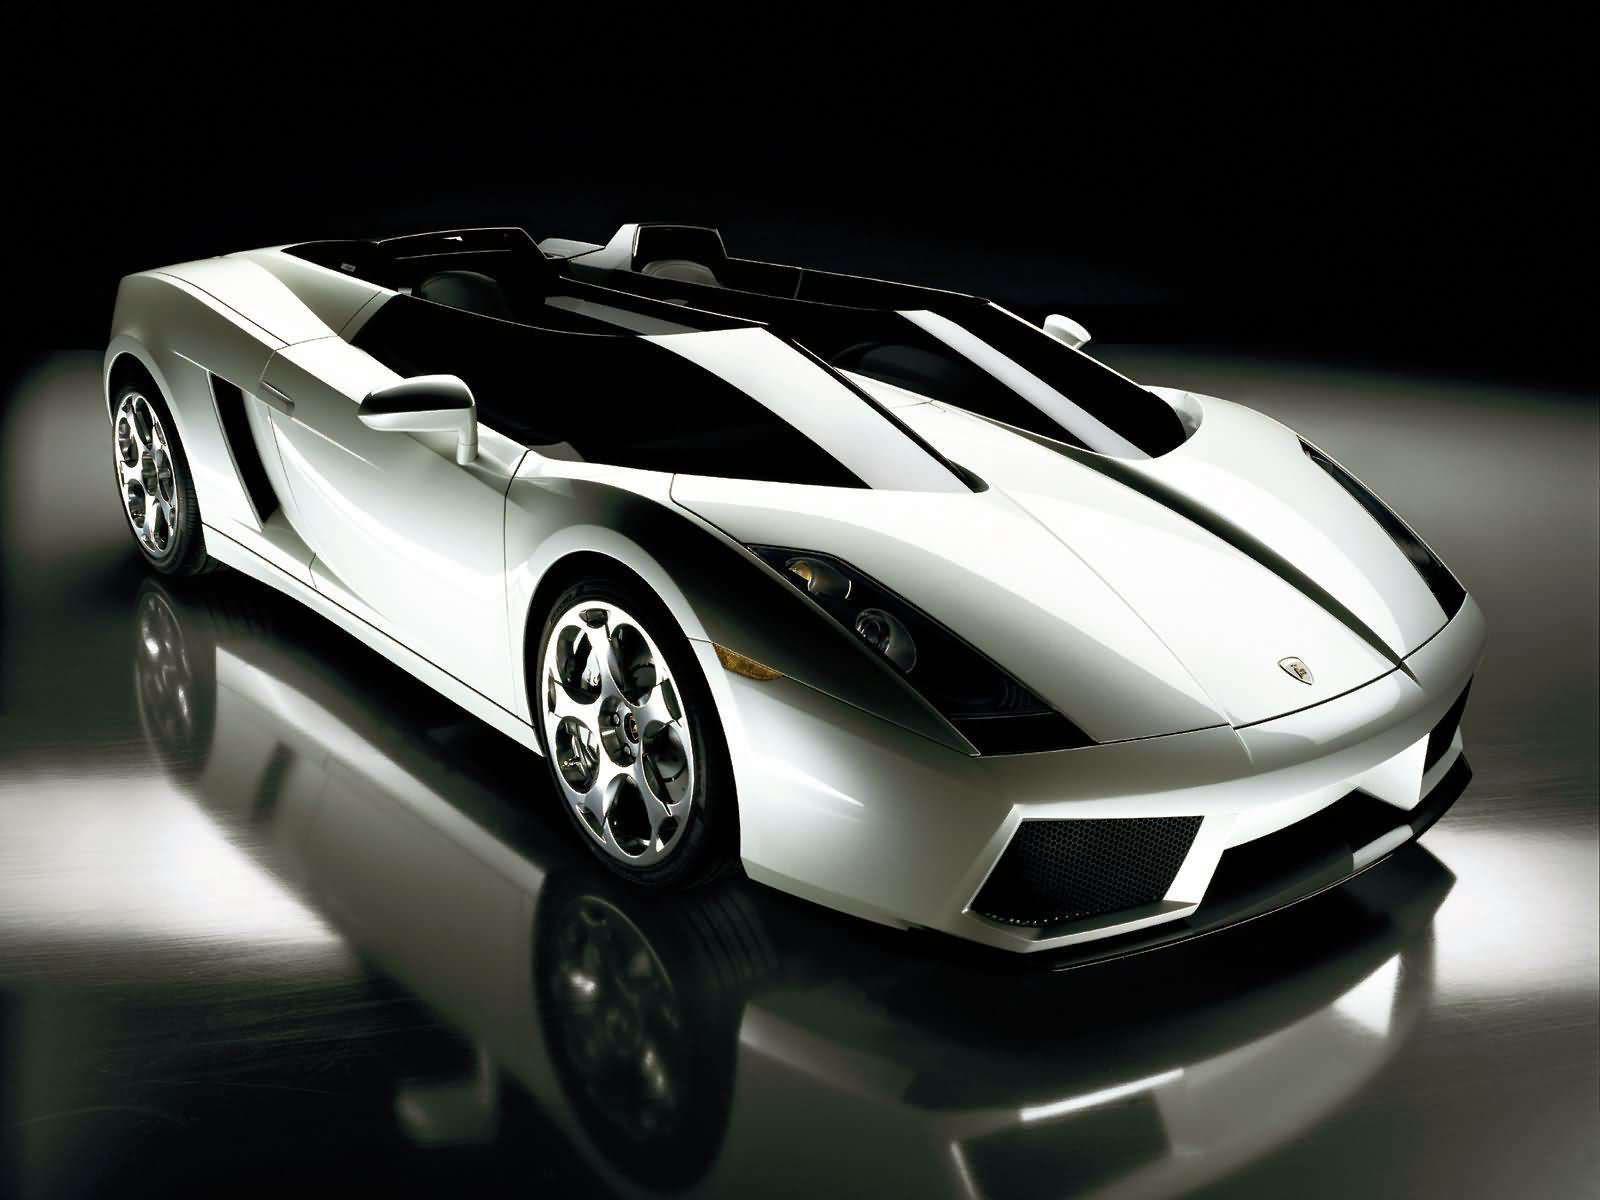 Foto Mobil Lamborghini.